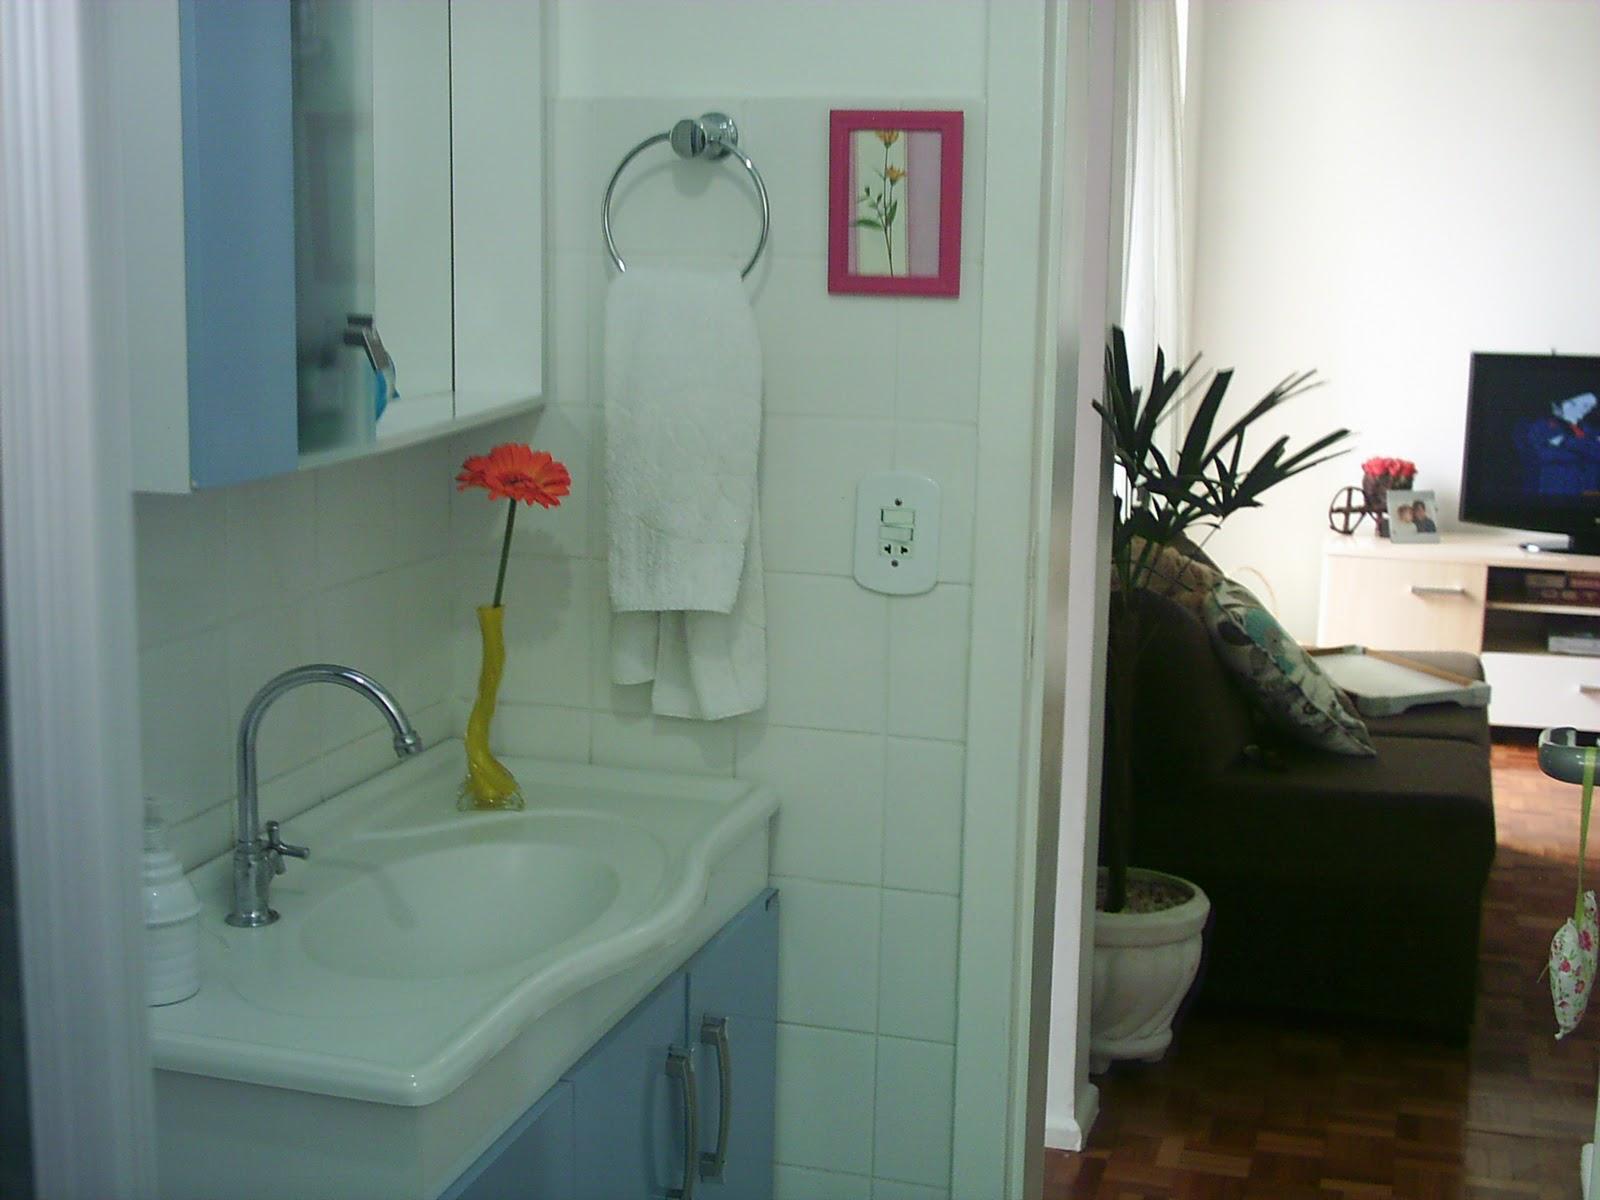 um pouco do branco do banheiro e deixou o cantinho mais alegre #773A3F 1600 1200